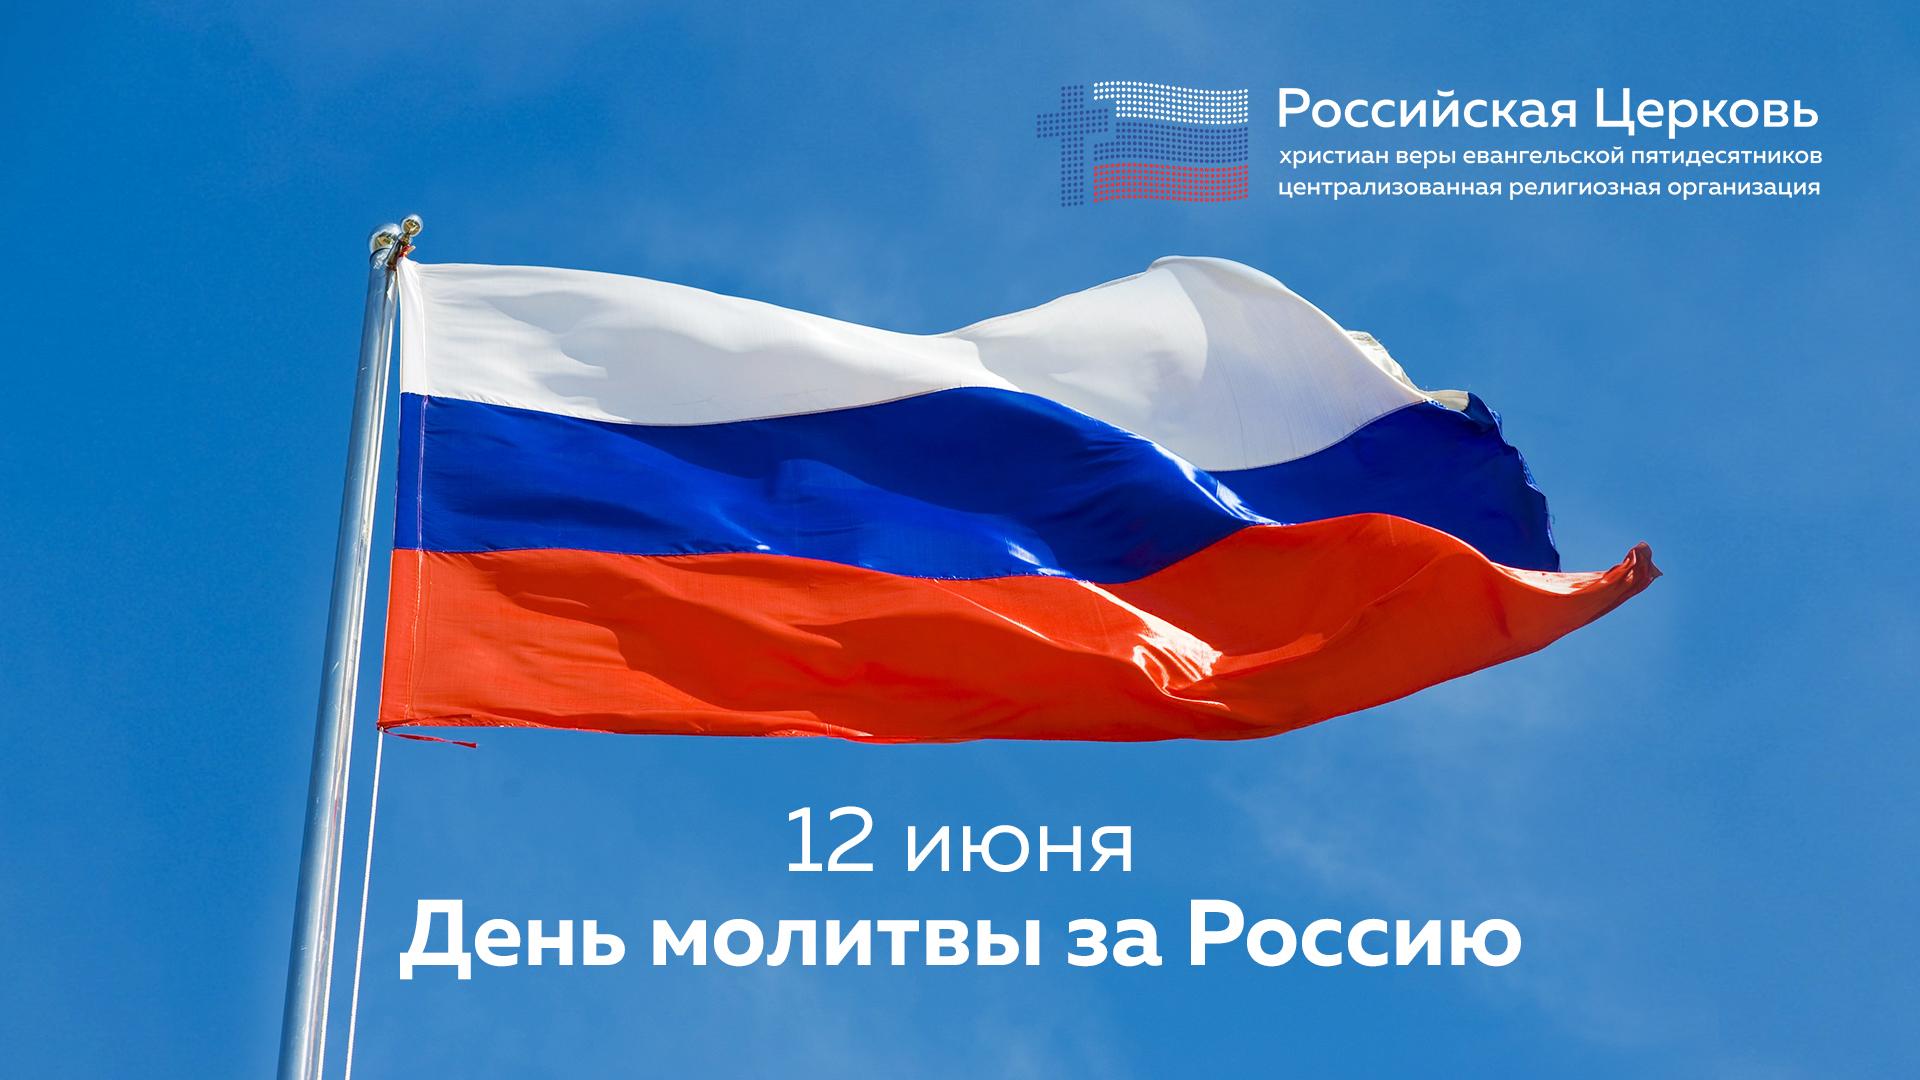 12 июня — день молитвы за Россию